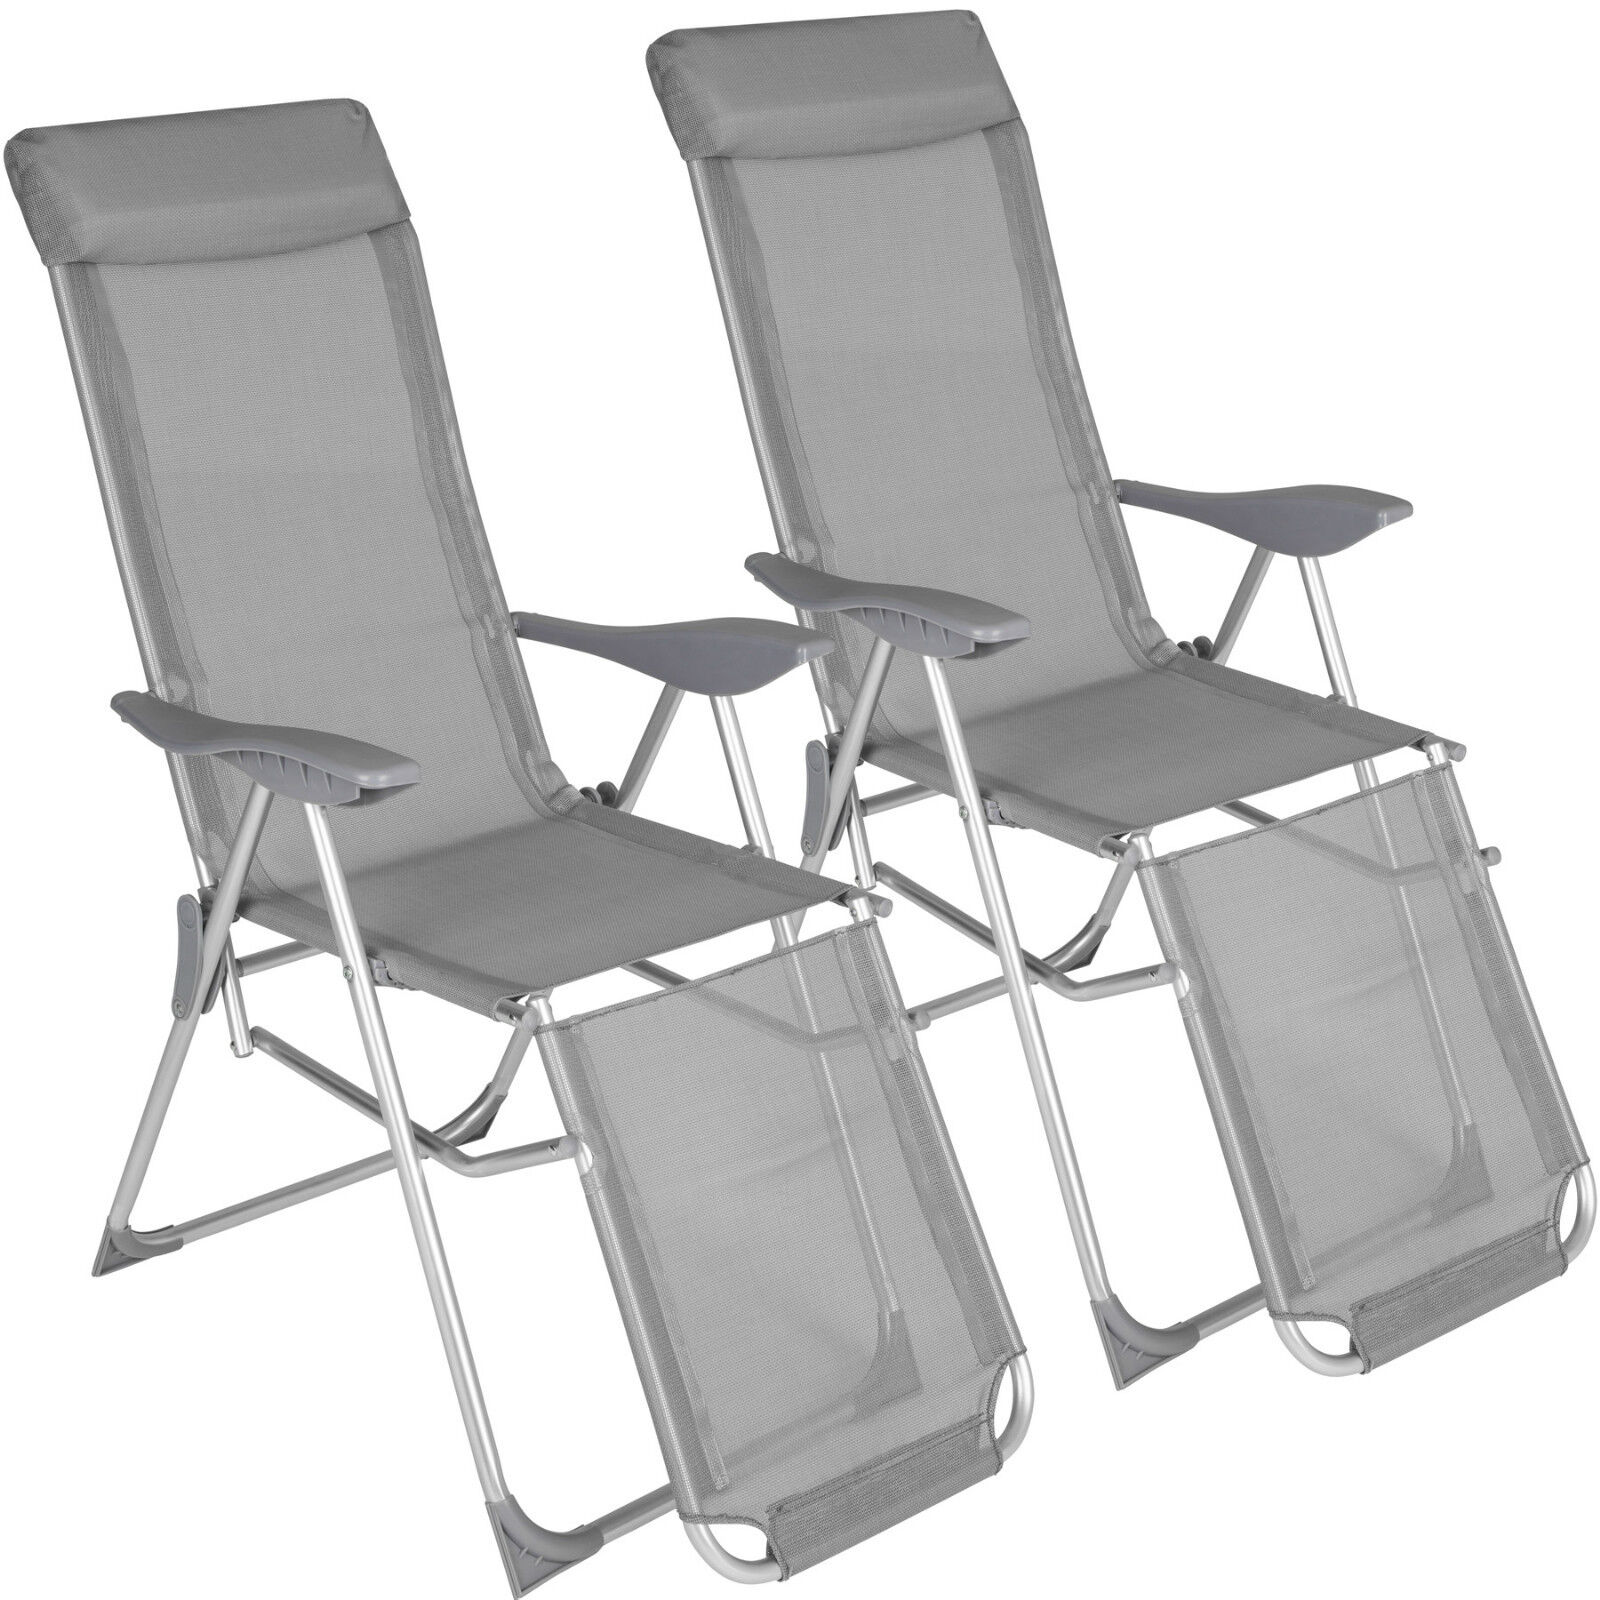 Juego de 2 sillas de aluminio plegable silla taburete jardín terraza varias posiciones